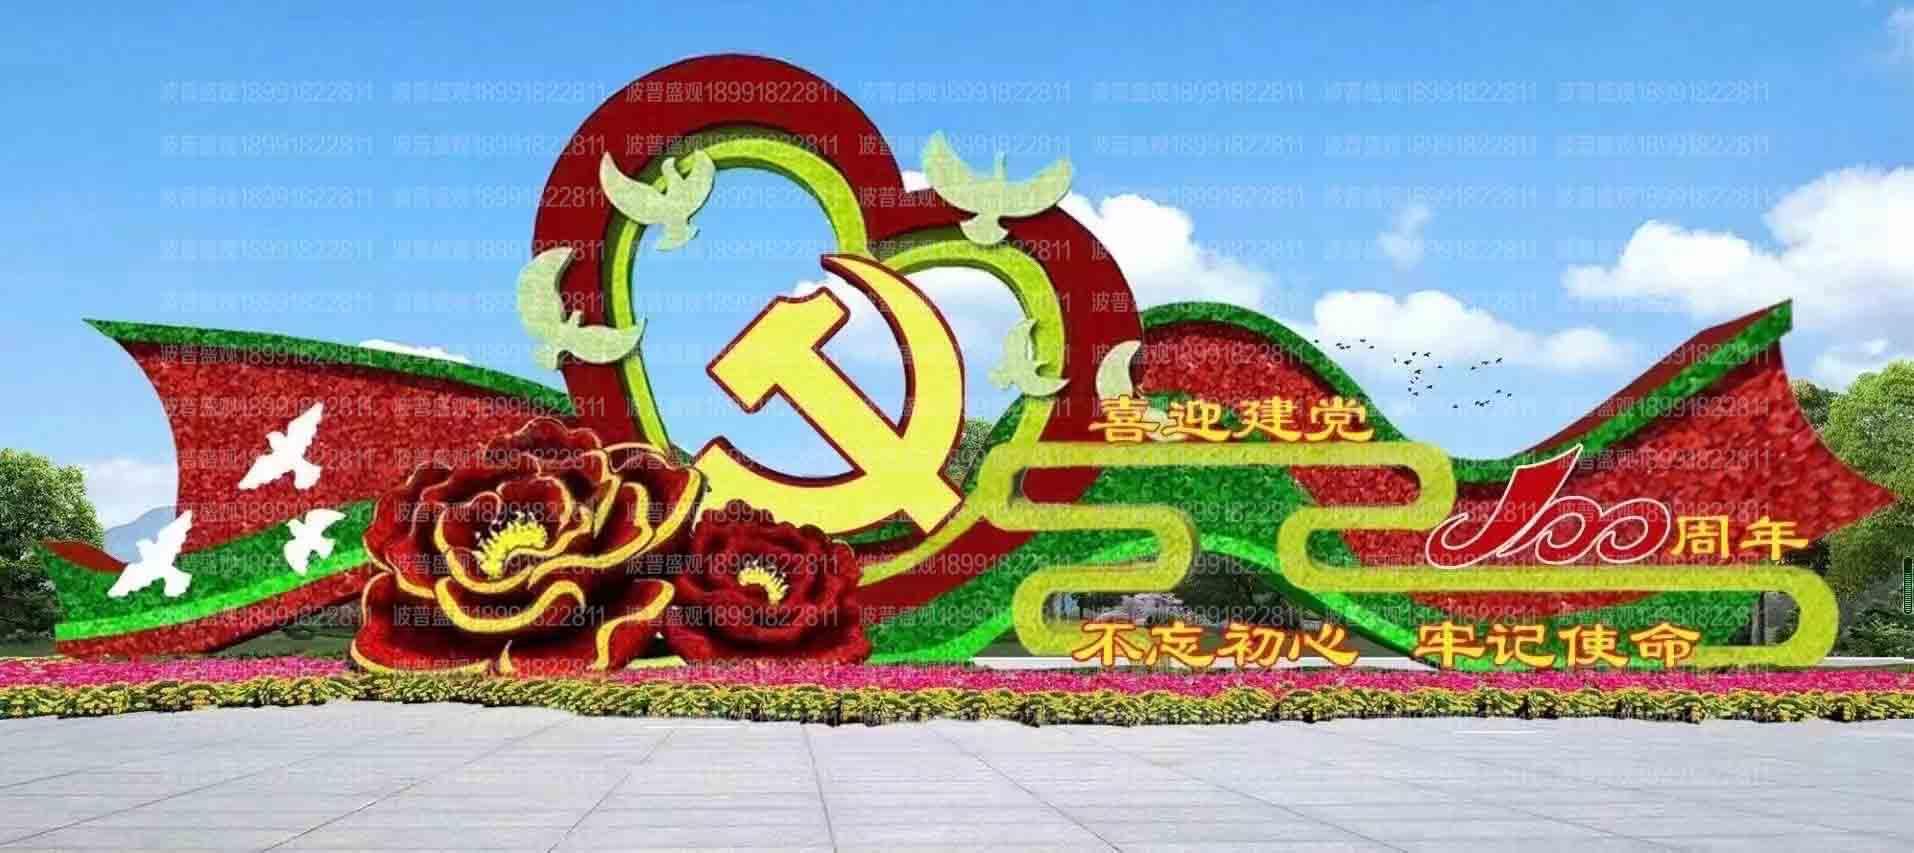 建党100周年植物雕塑施工